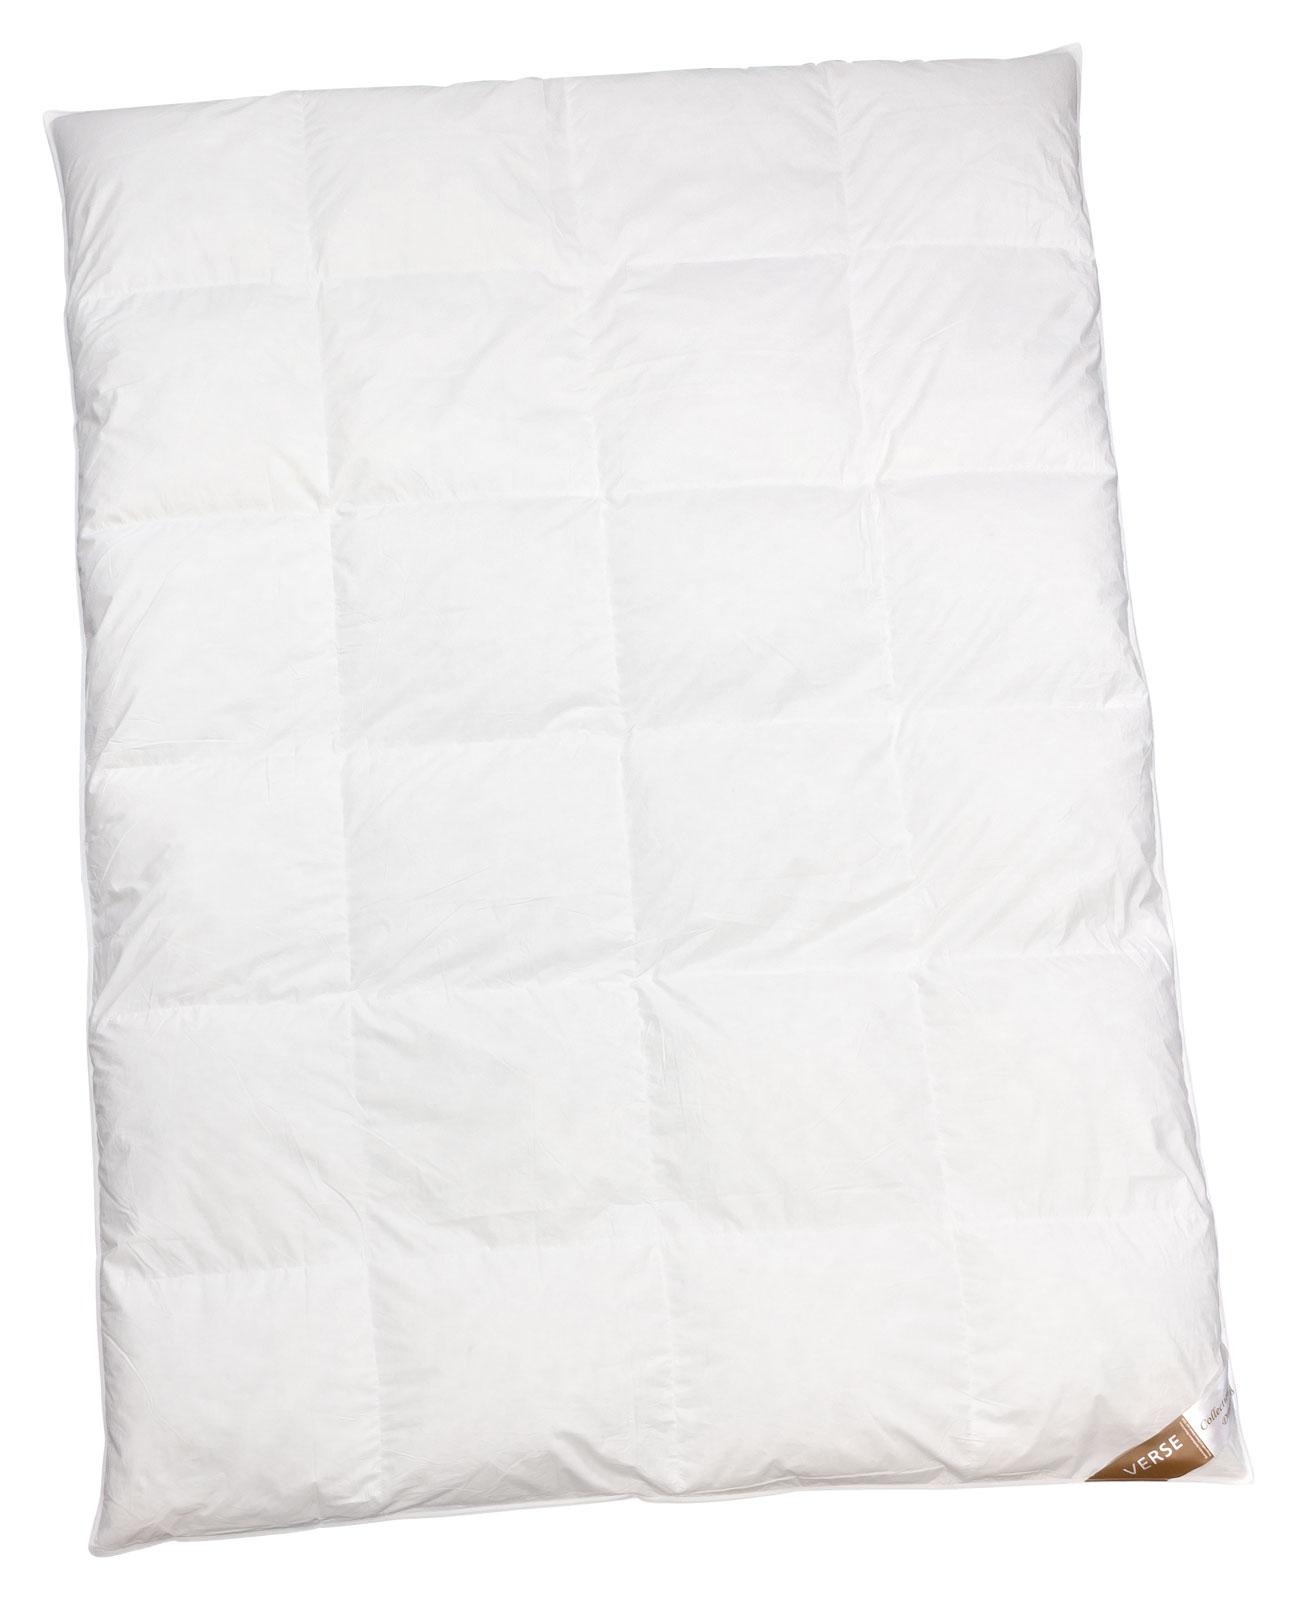 Bettdecken und Kopfkissen - Ganzjahresdecke warm Daunen Bettdecke 240x220 Verse Collection Dreaming  - Onlineshop PremiumShop321